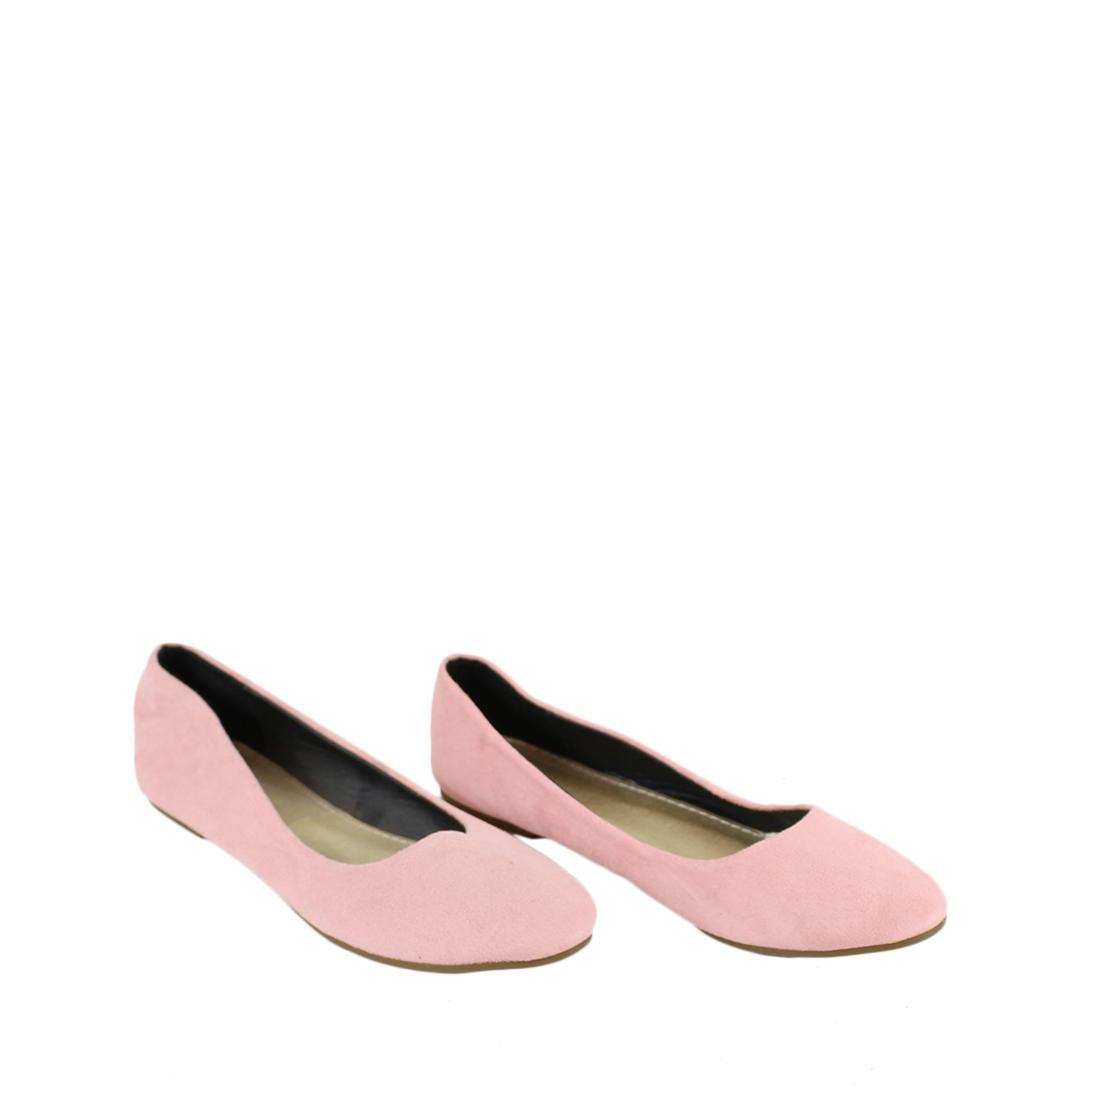 Flat plain ballerinas